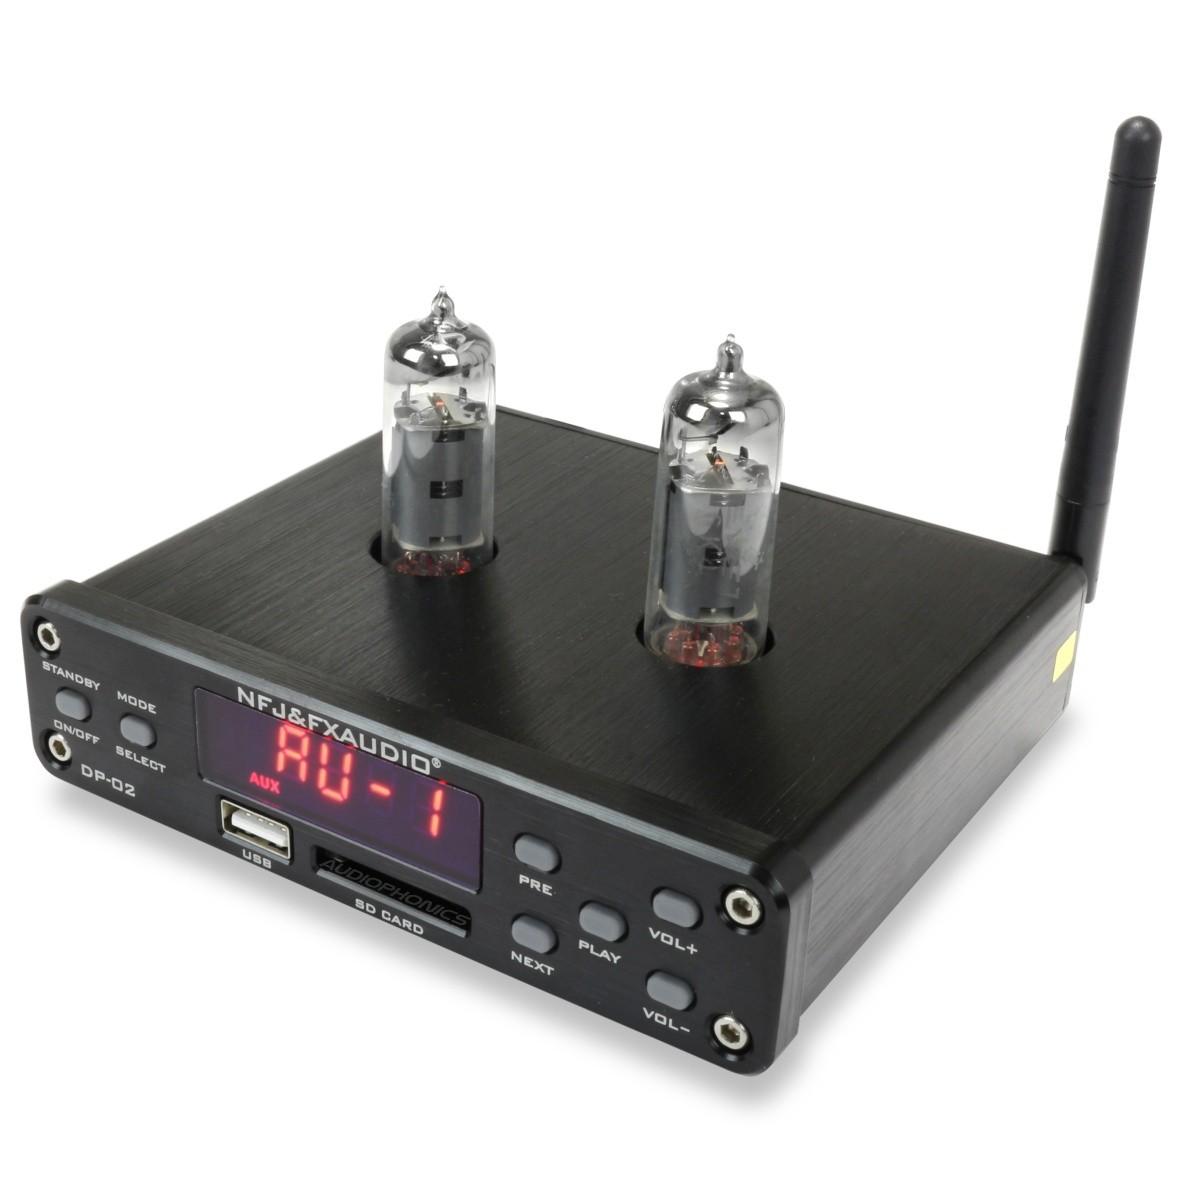 FX-AUDIO DP-02 Préamplificateur à Tubes 6K4 / Lecteur de fichiers USB SD / Bluetooth